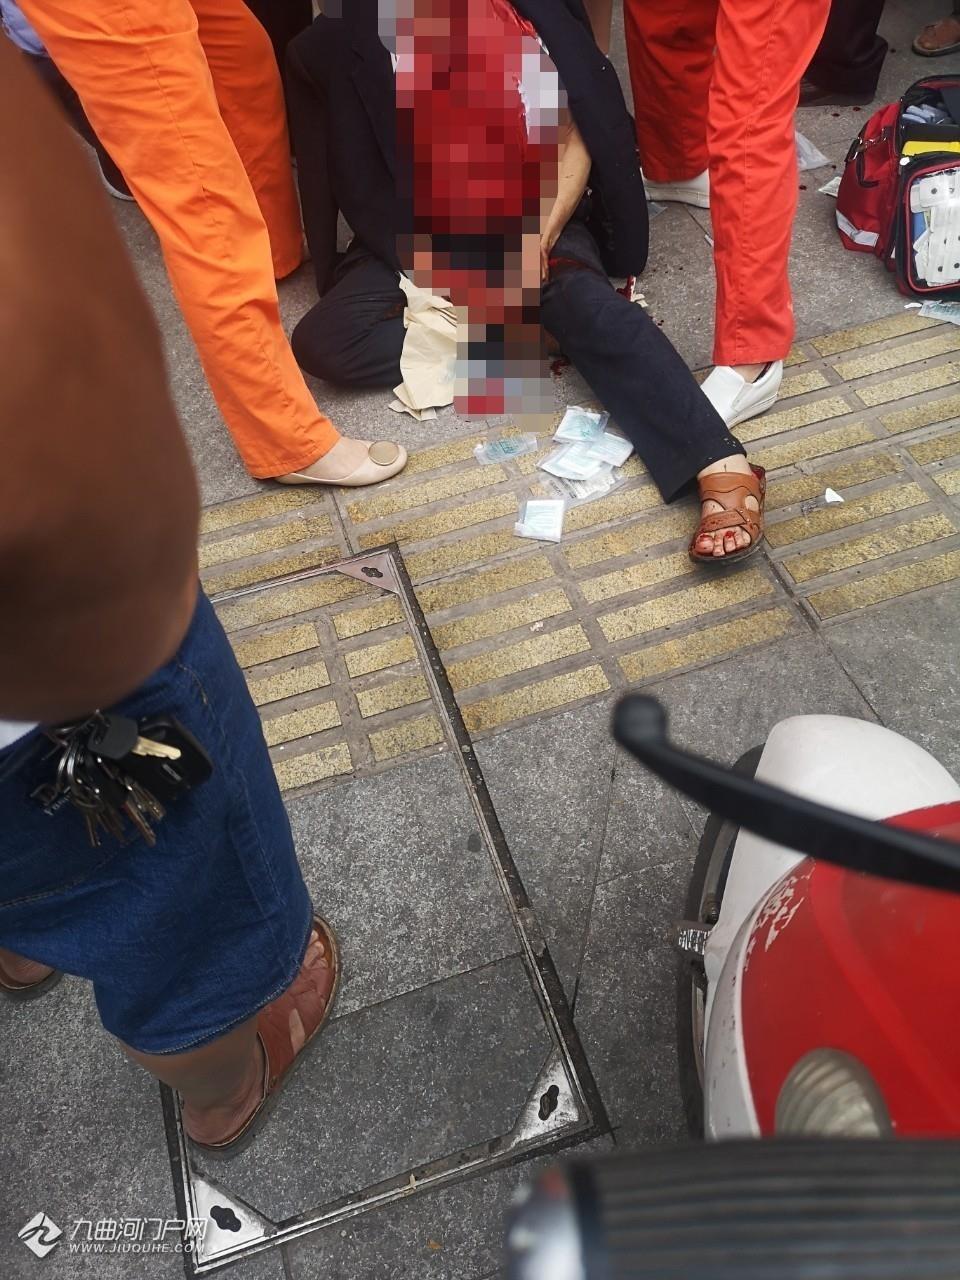 资阳东临小区外面茶馆有人因打牌扯皮,现场一老头受伤,看样子还有点严重! ... ... ...